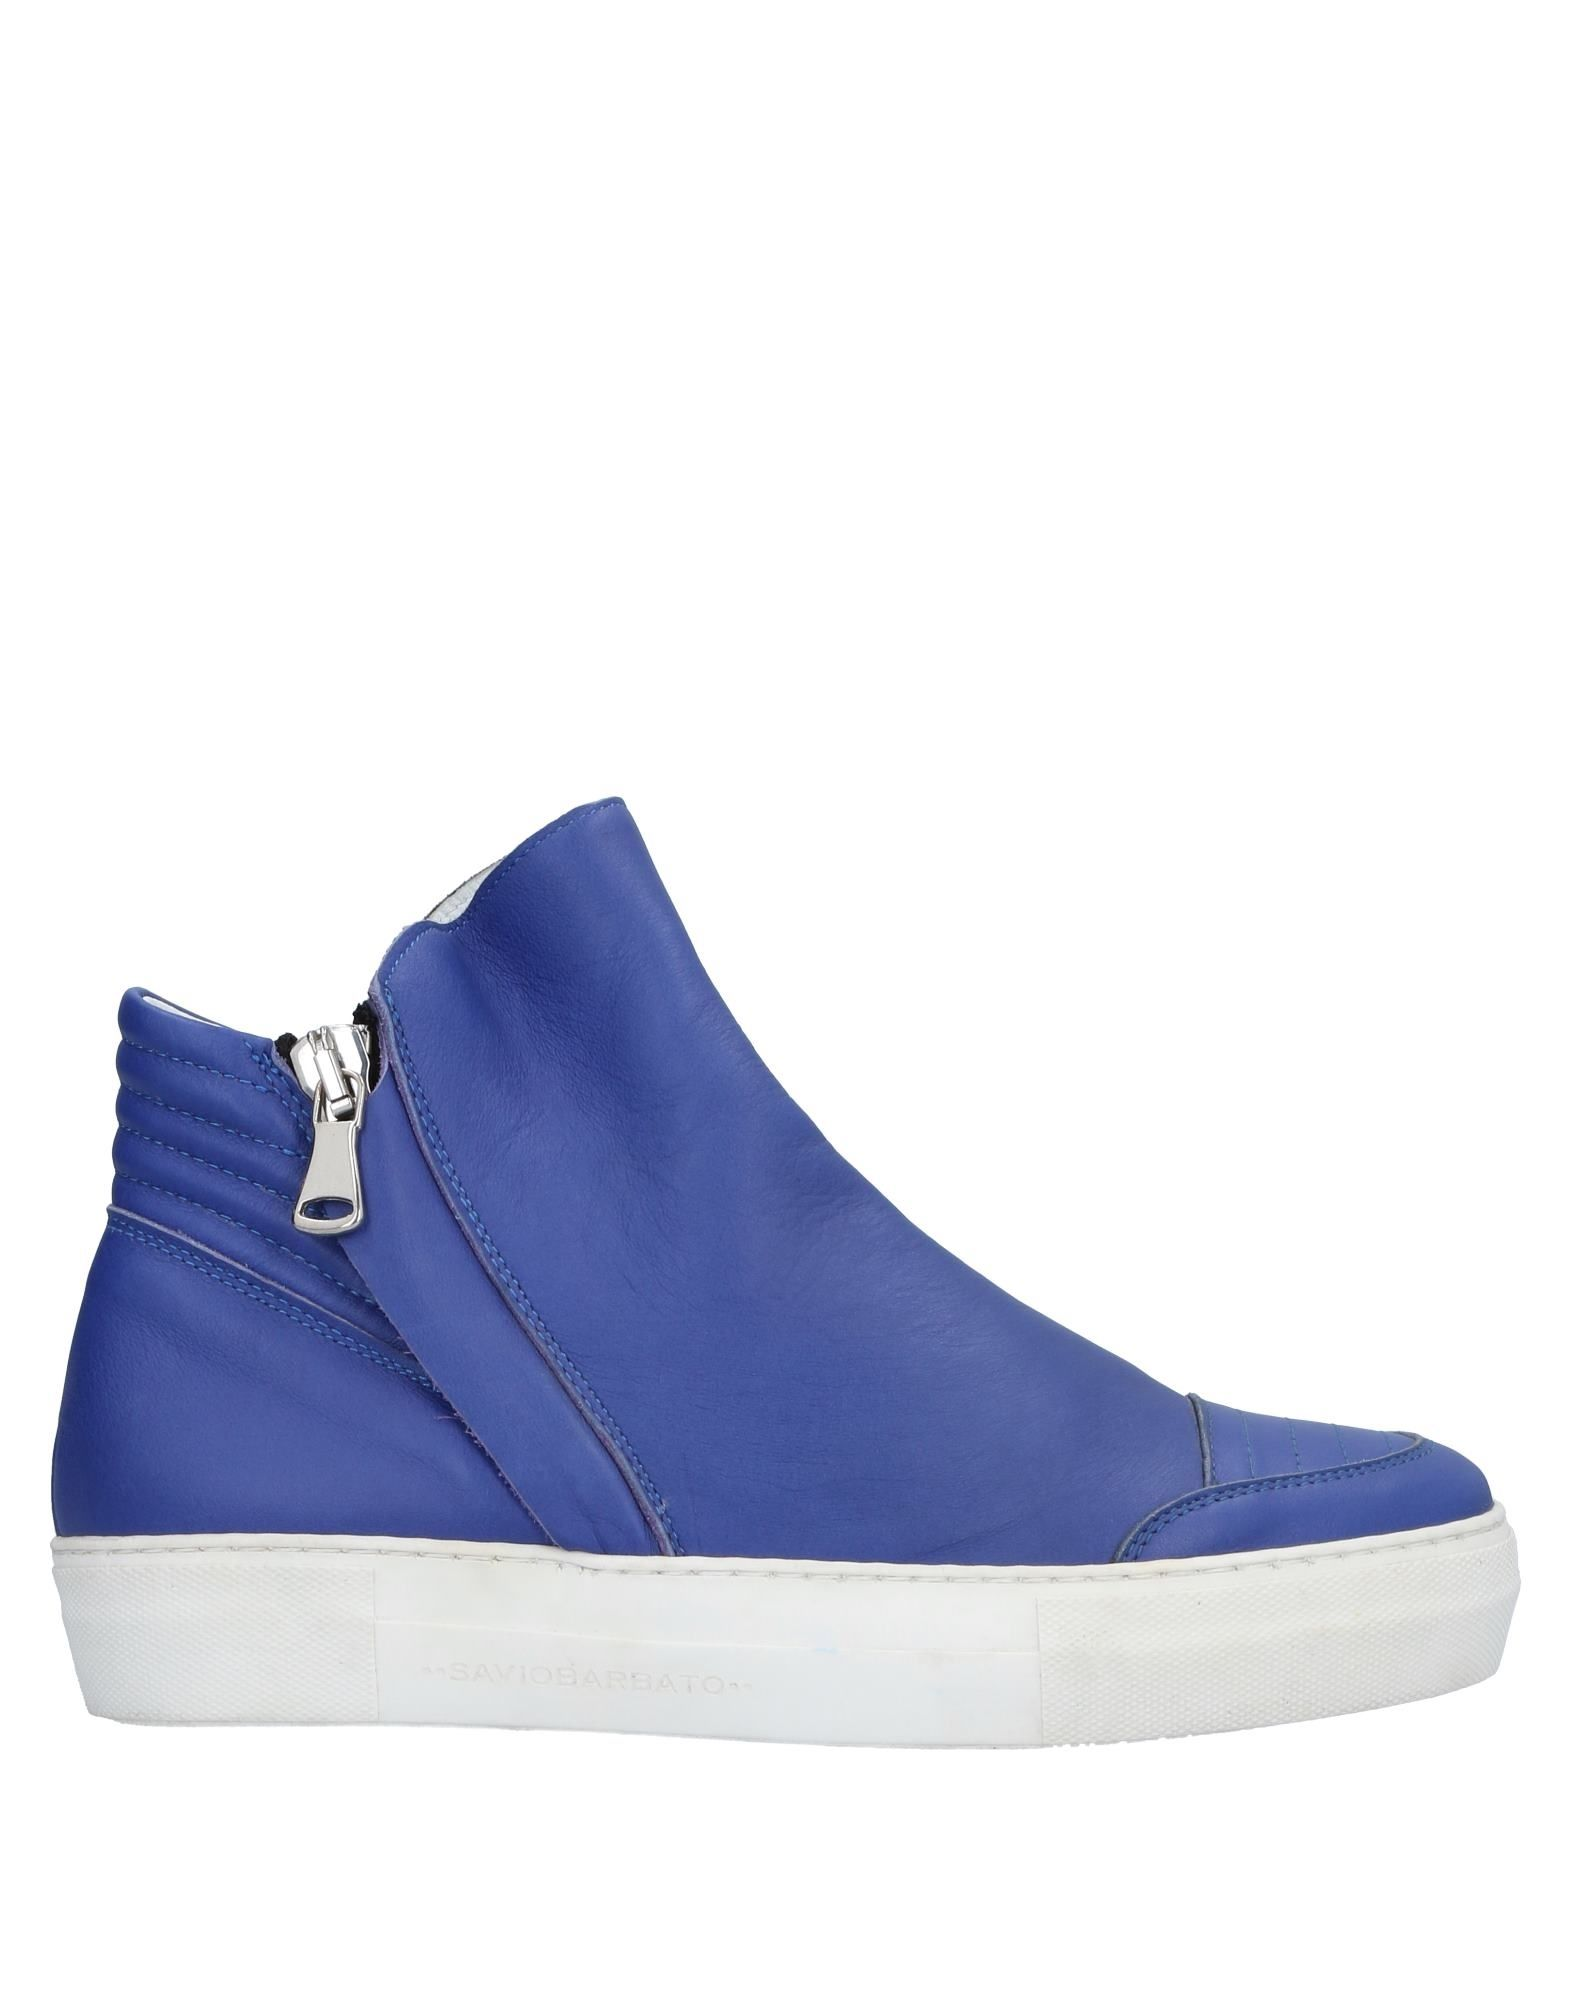 Savio Barbato Sneakers Herren Herren Sneakers  11533846VL Gute Qualität beliebte Schuhe 0f9677